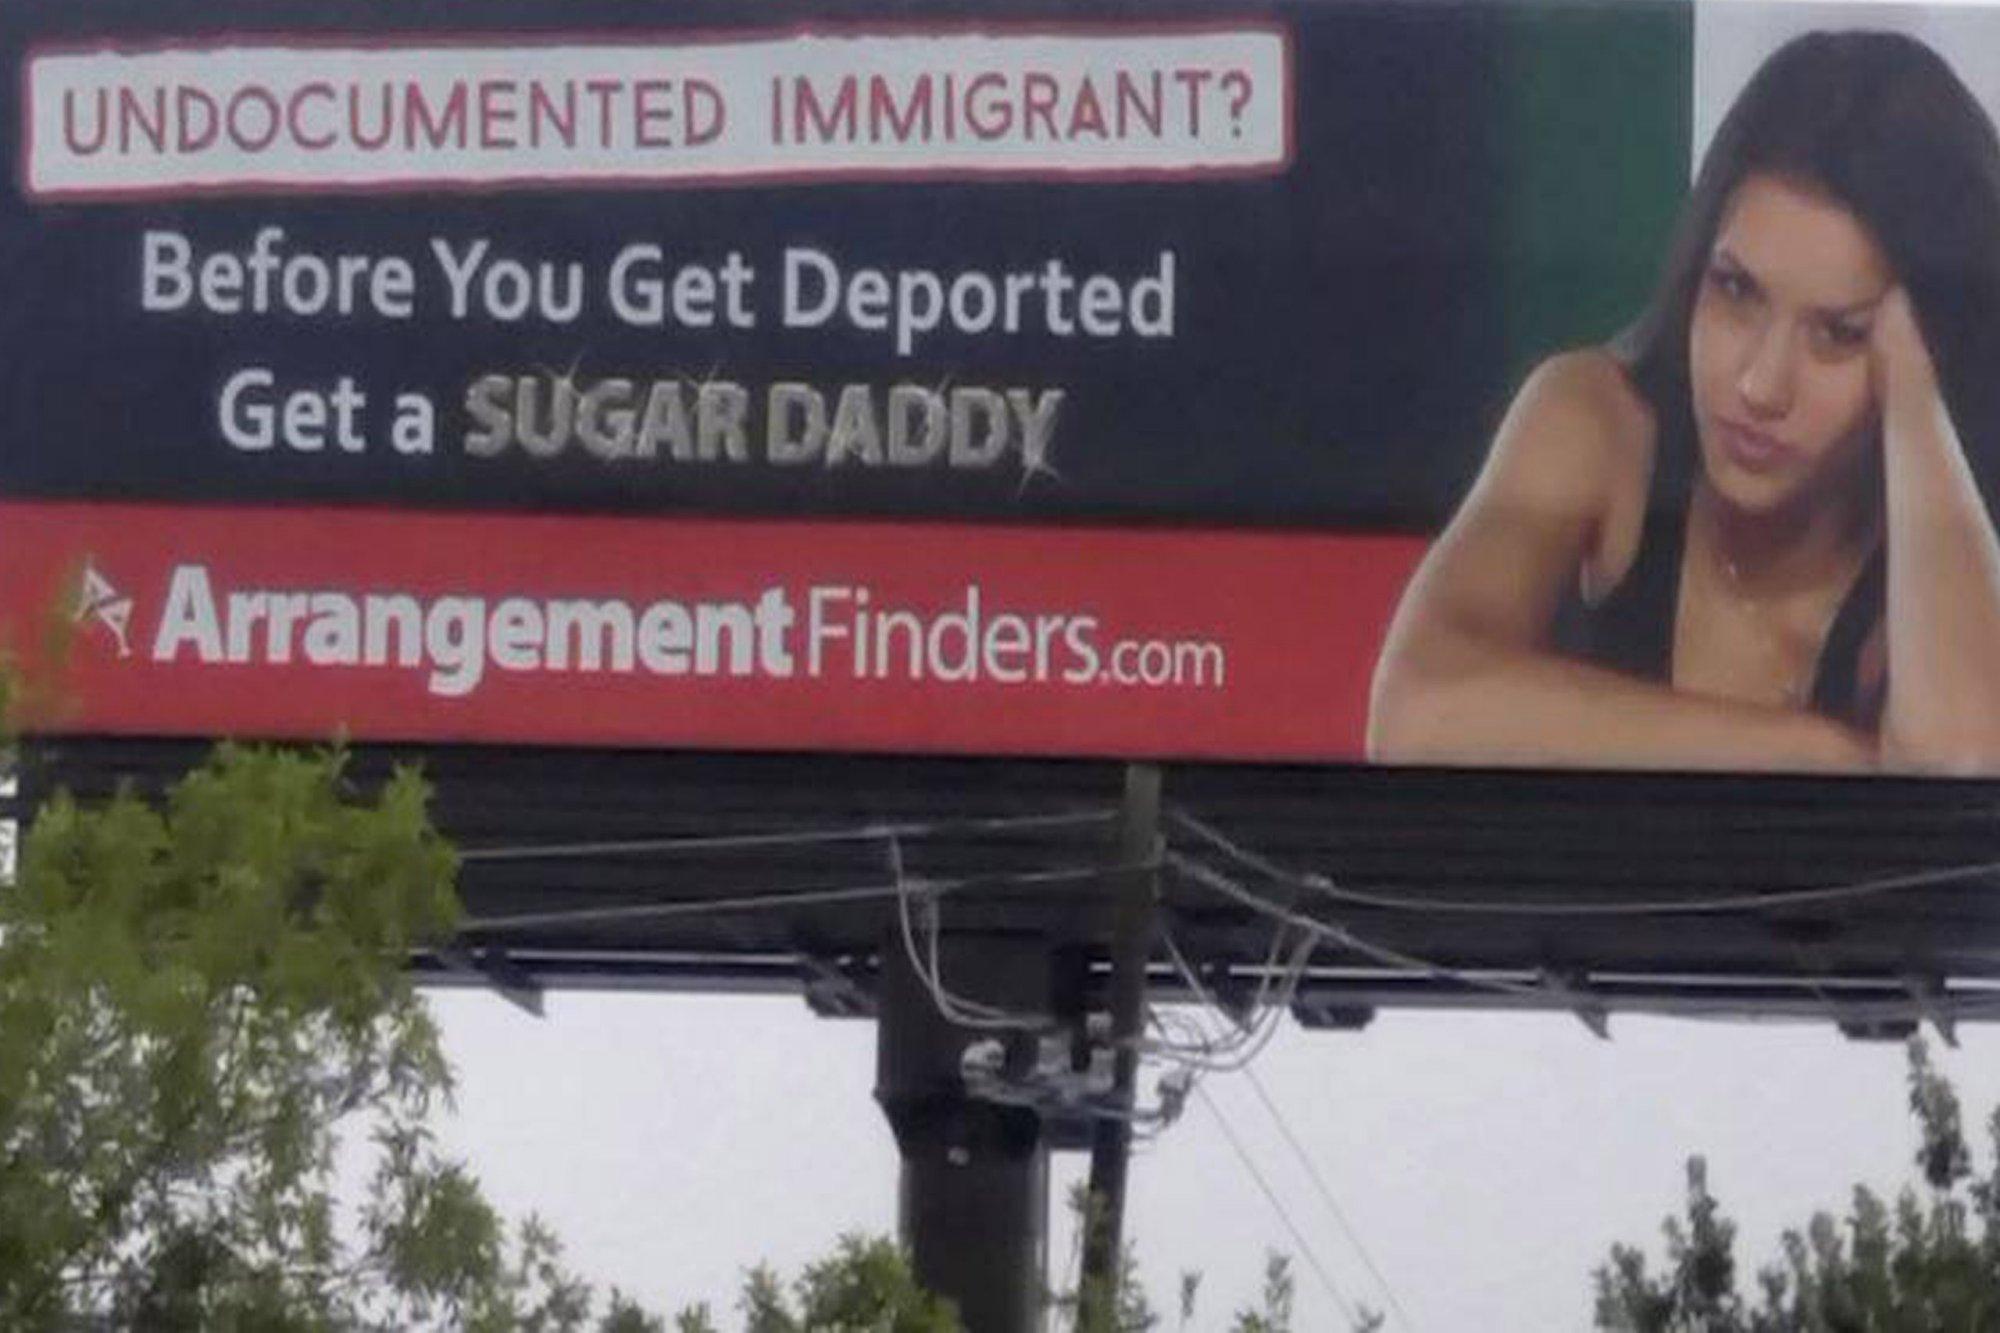 El indignante anuncio que anima a las mujeres 'sin papeles' a encontrar un 'sugar daddy'